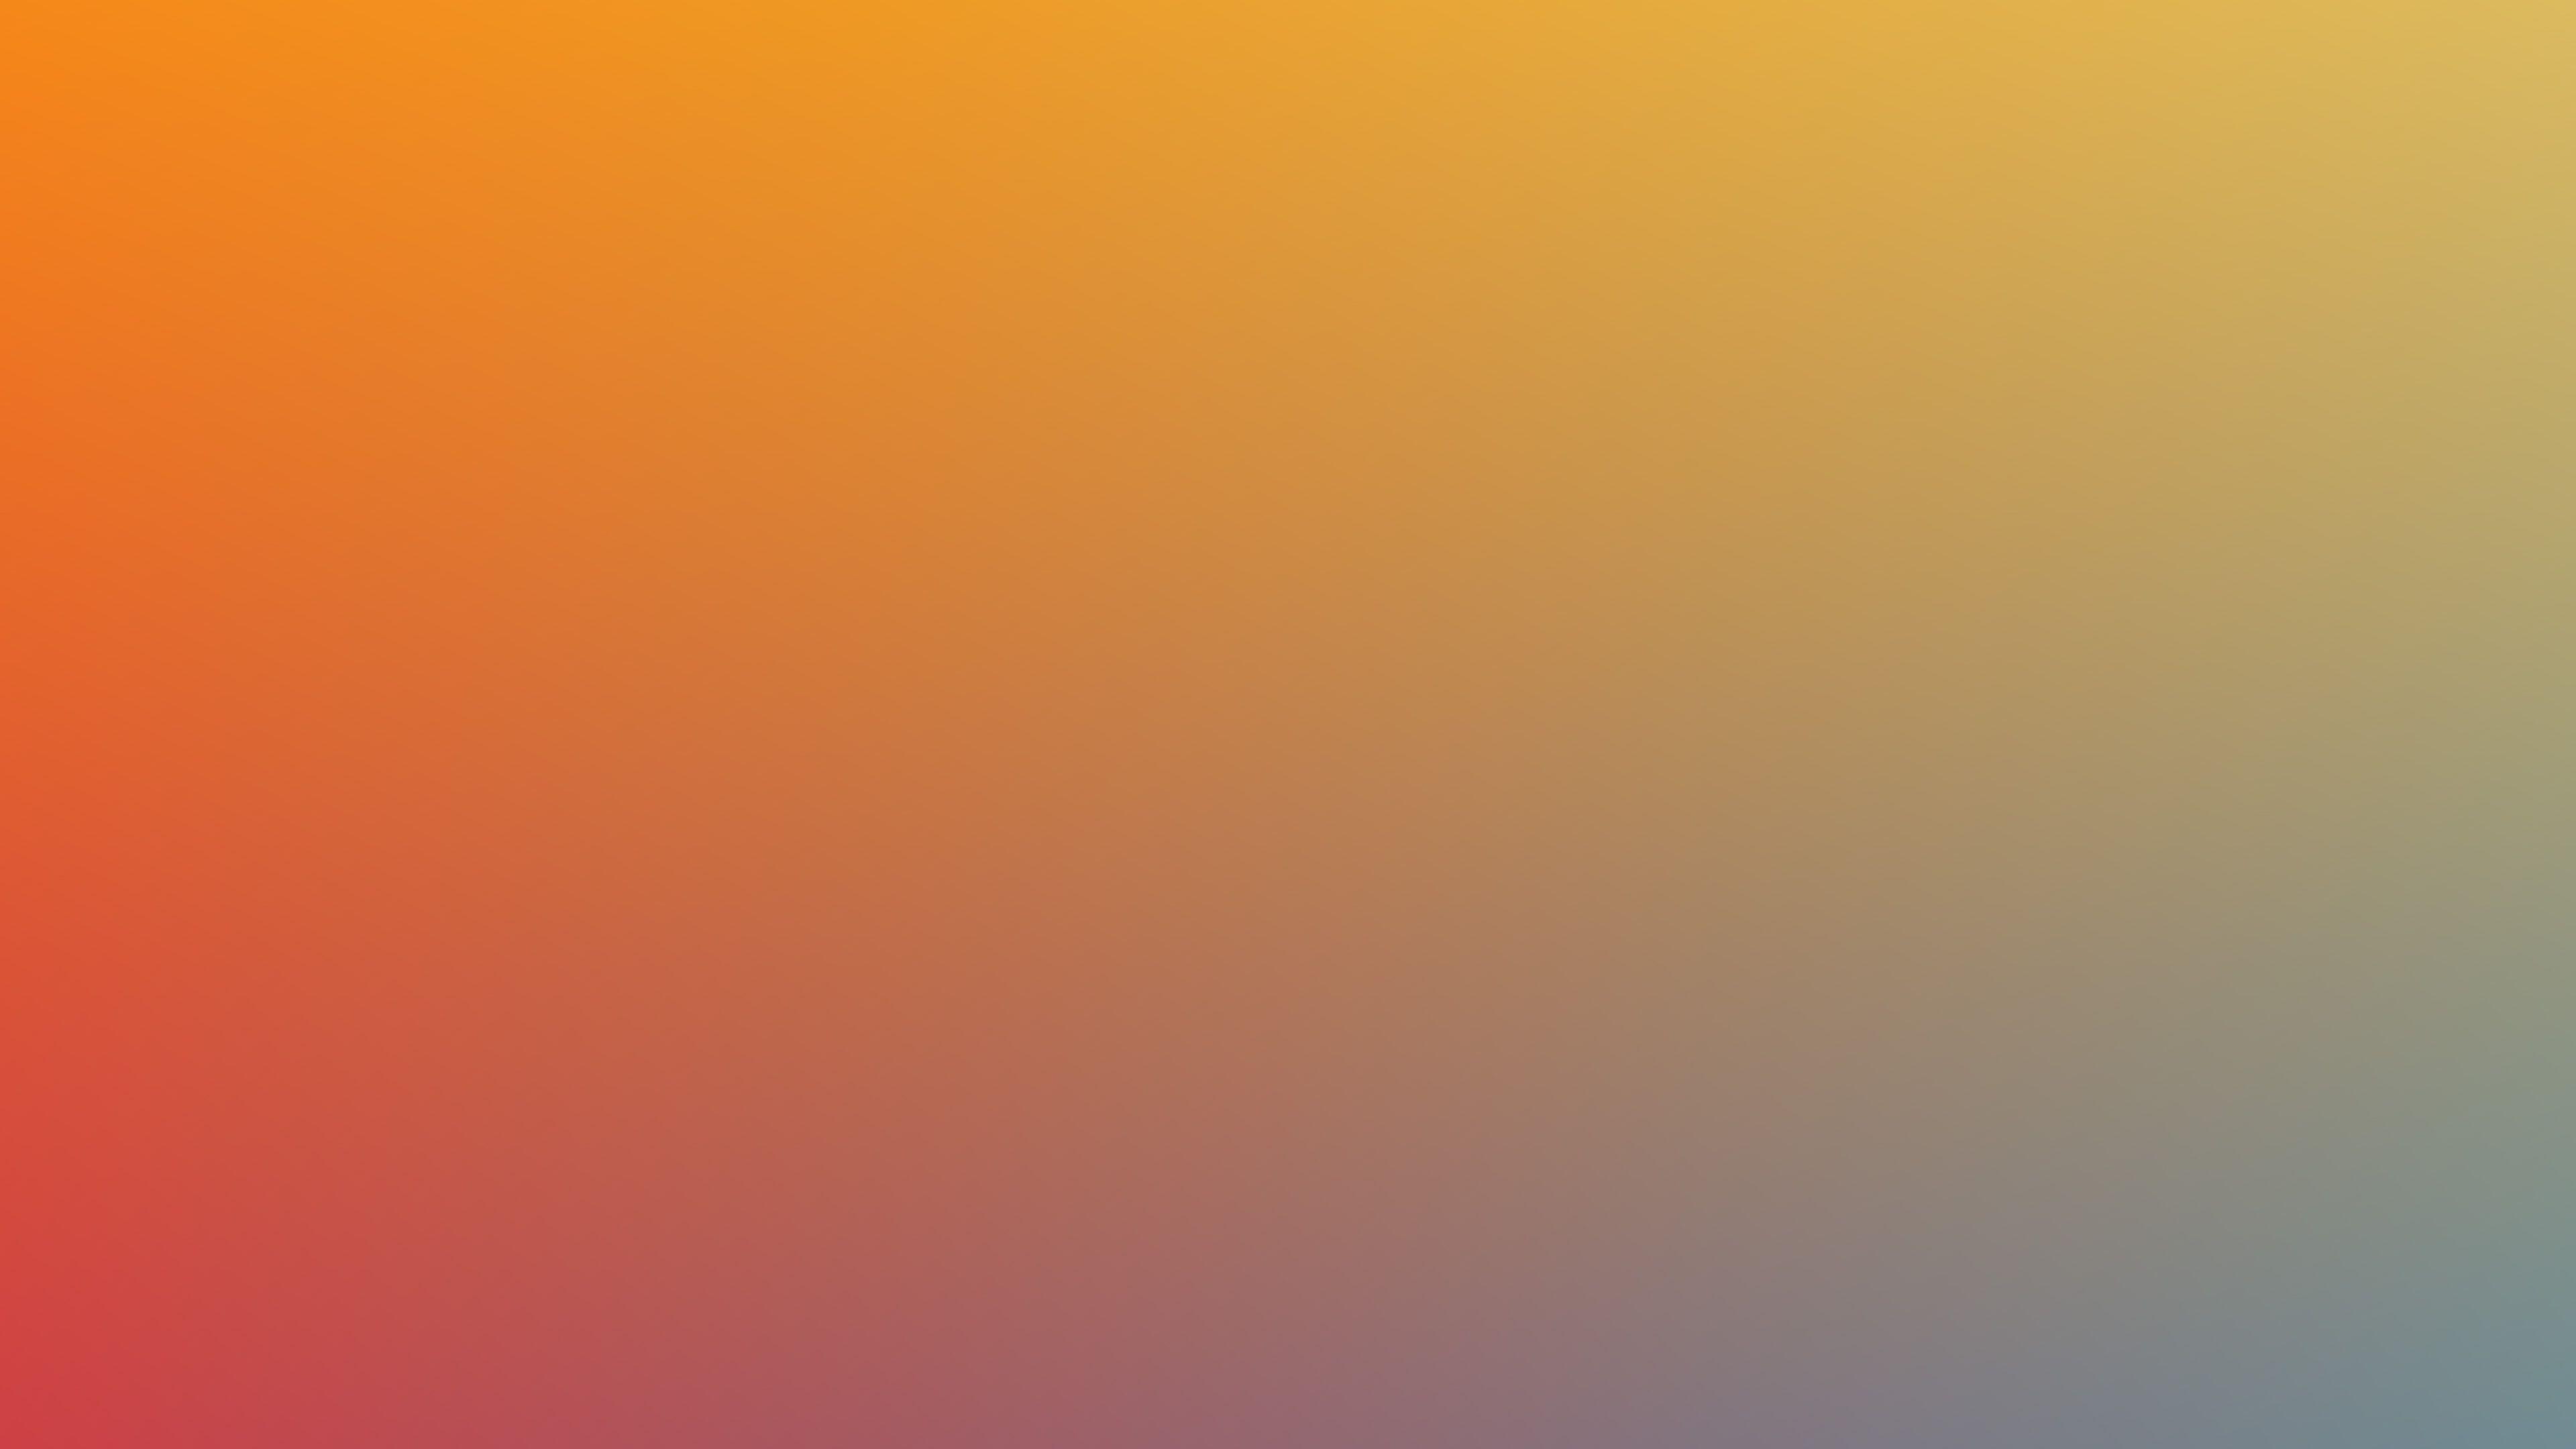 Minimalist Orange Wallpapers - Top Free Minimalist Orange ...